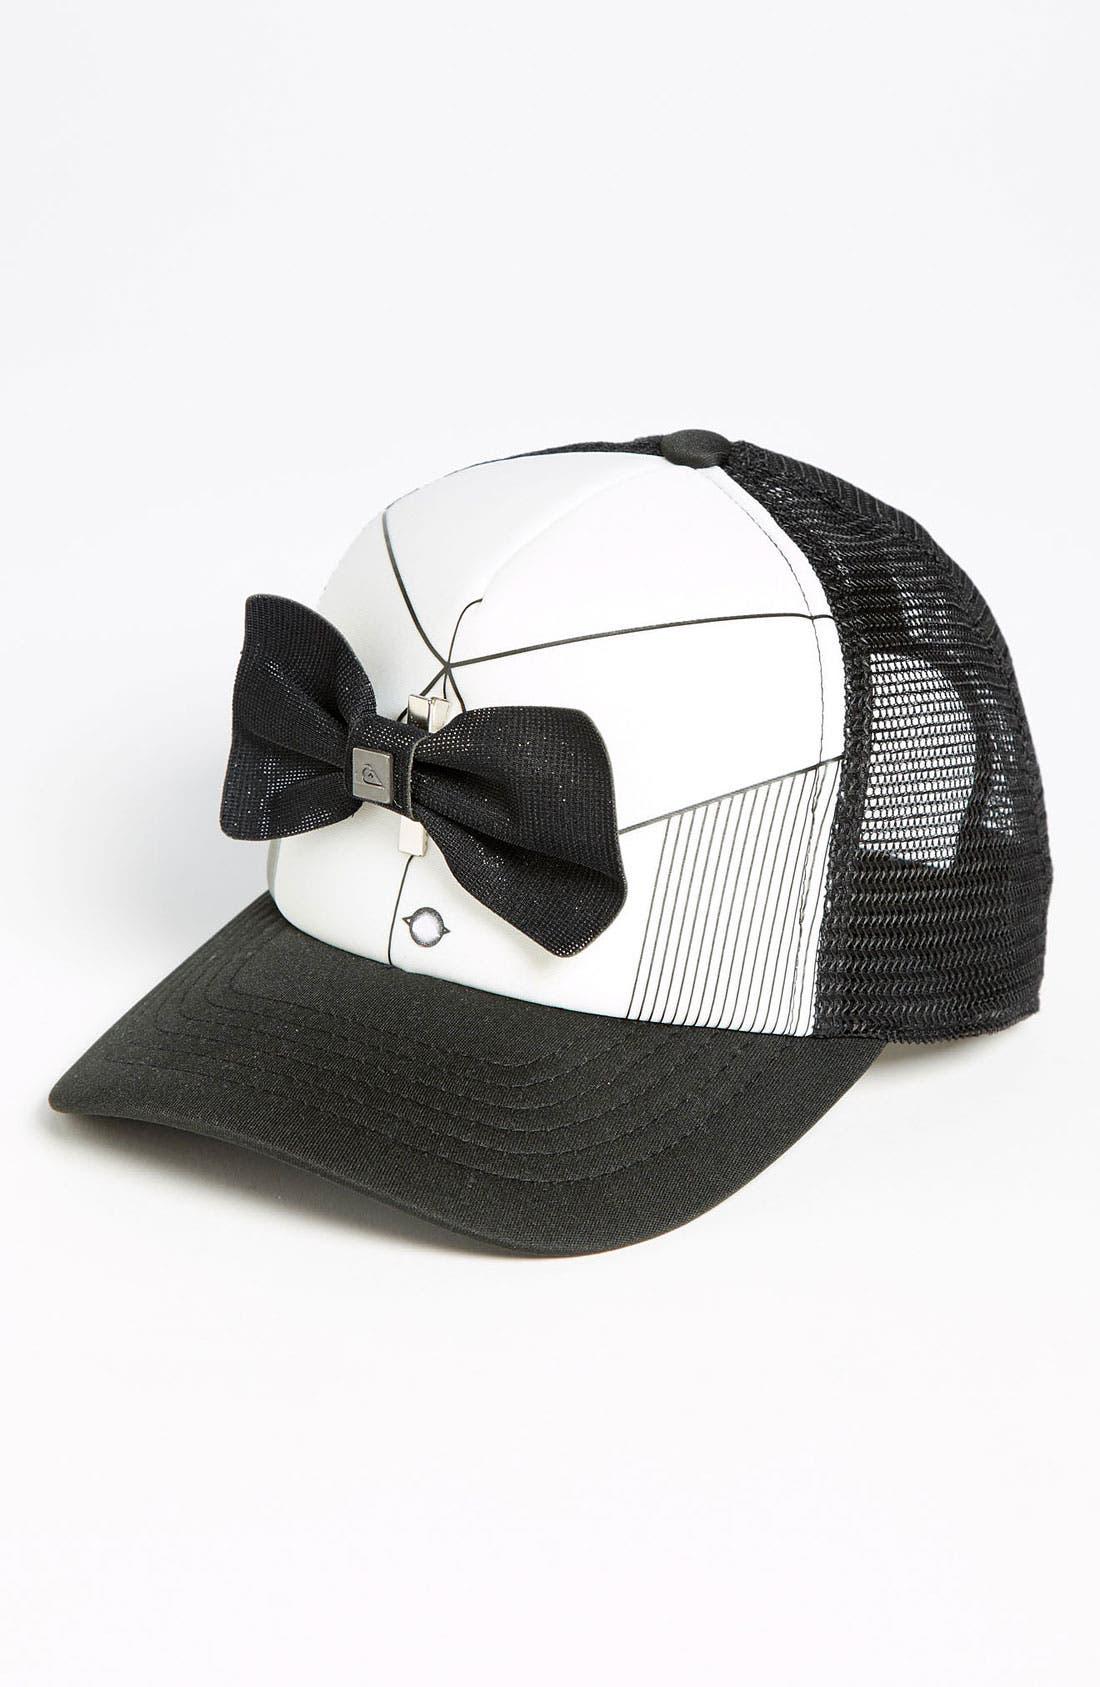 Main Image - Quiksilver 'Diggler' Trucker Hat (Boys)